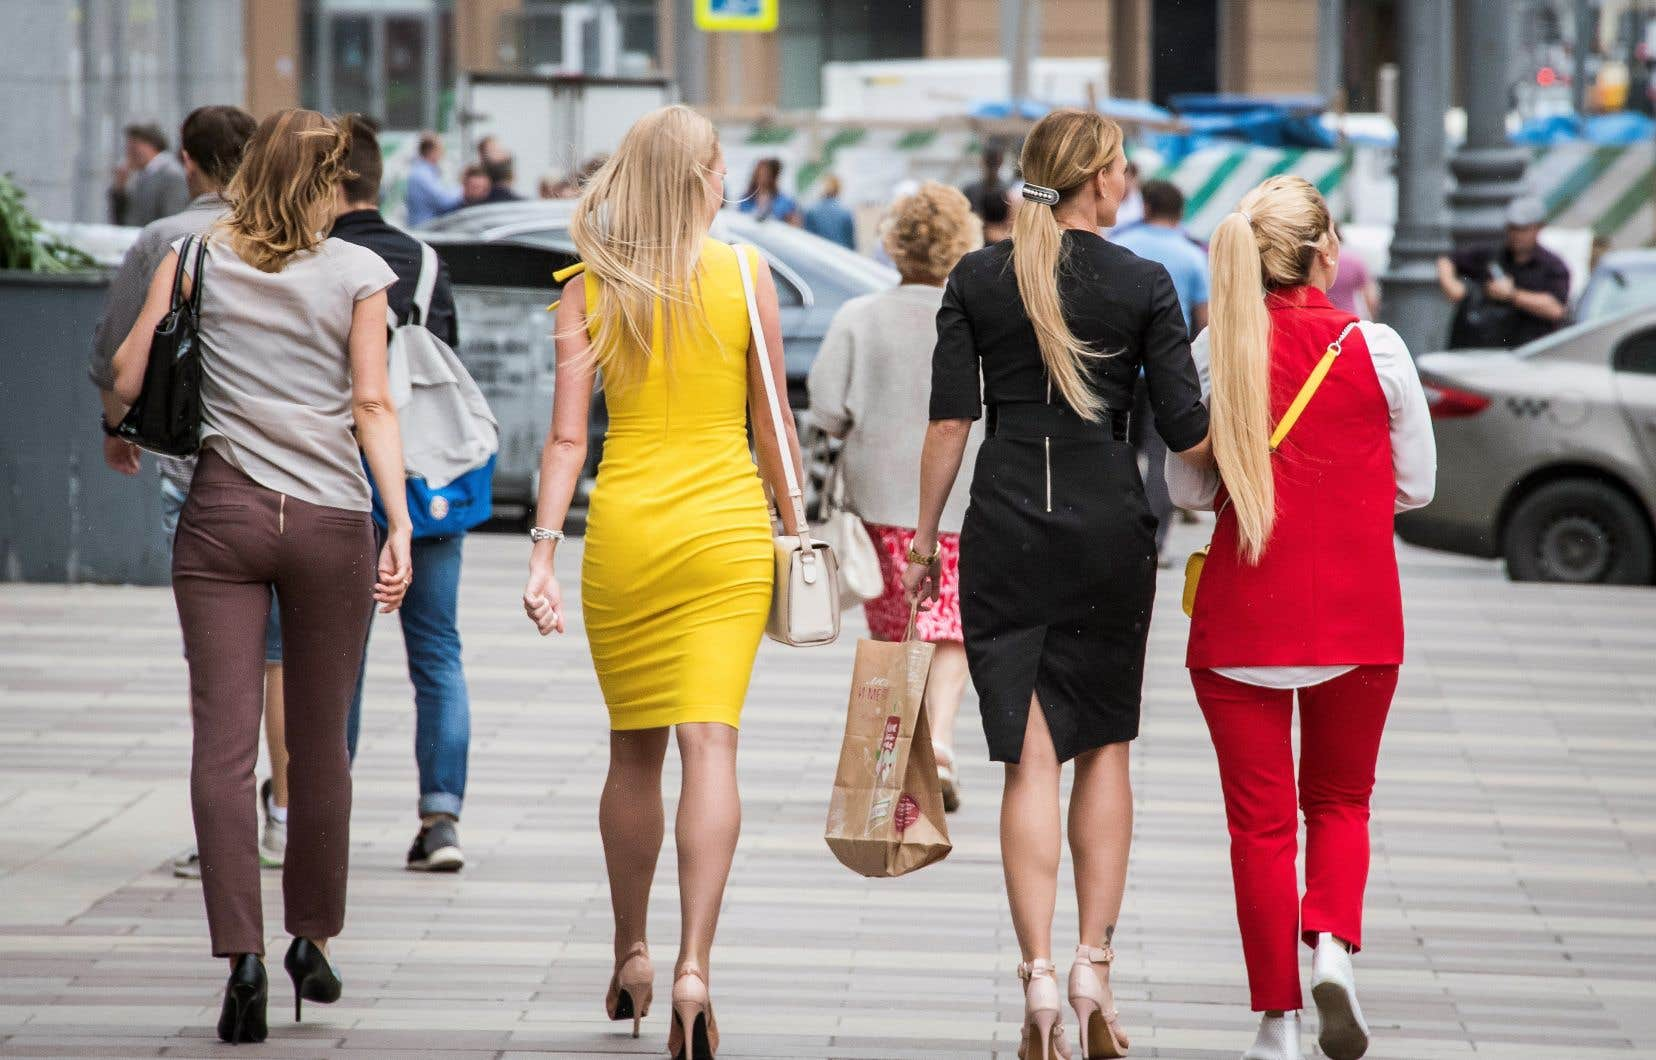 Des femmes marchent dans le centre-ville de Moscou. Héritière des mesures avant-gardistes de l'URSS, la Russie a connu depuis des reculs notables, comme l'adoption début 2017 d'une loi sur la dépénalisation des violences domestiques.